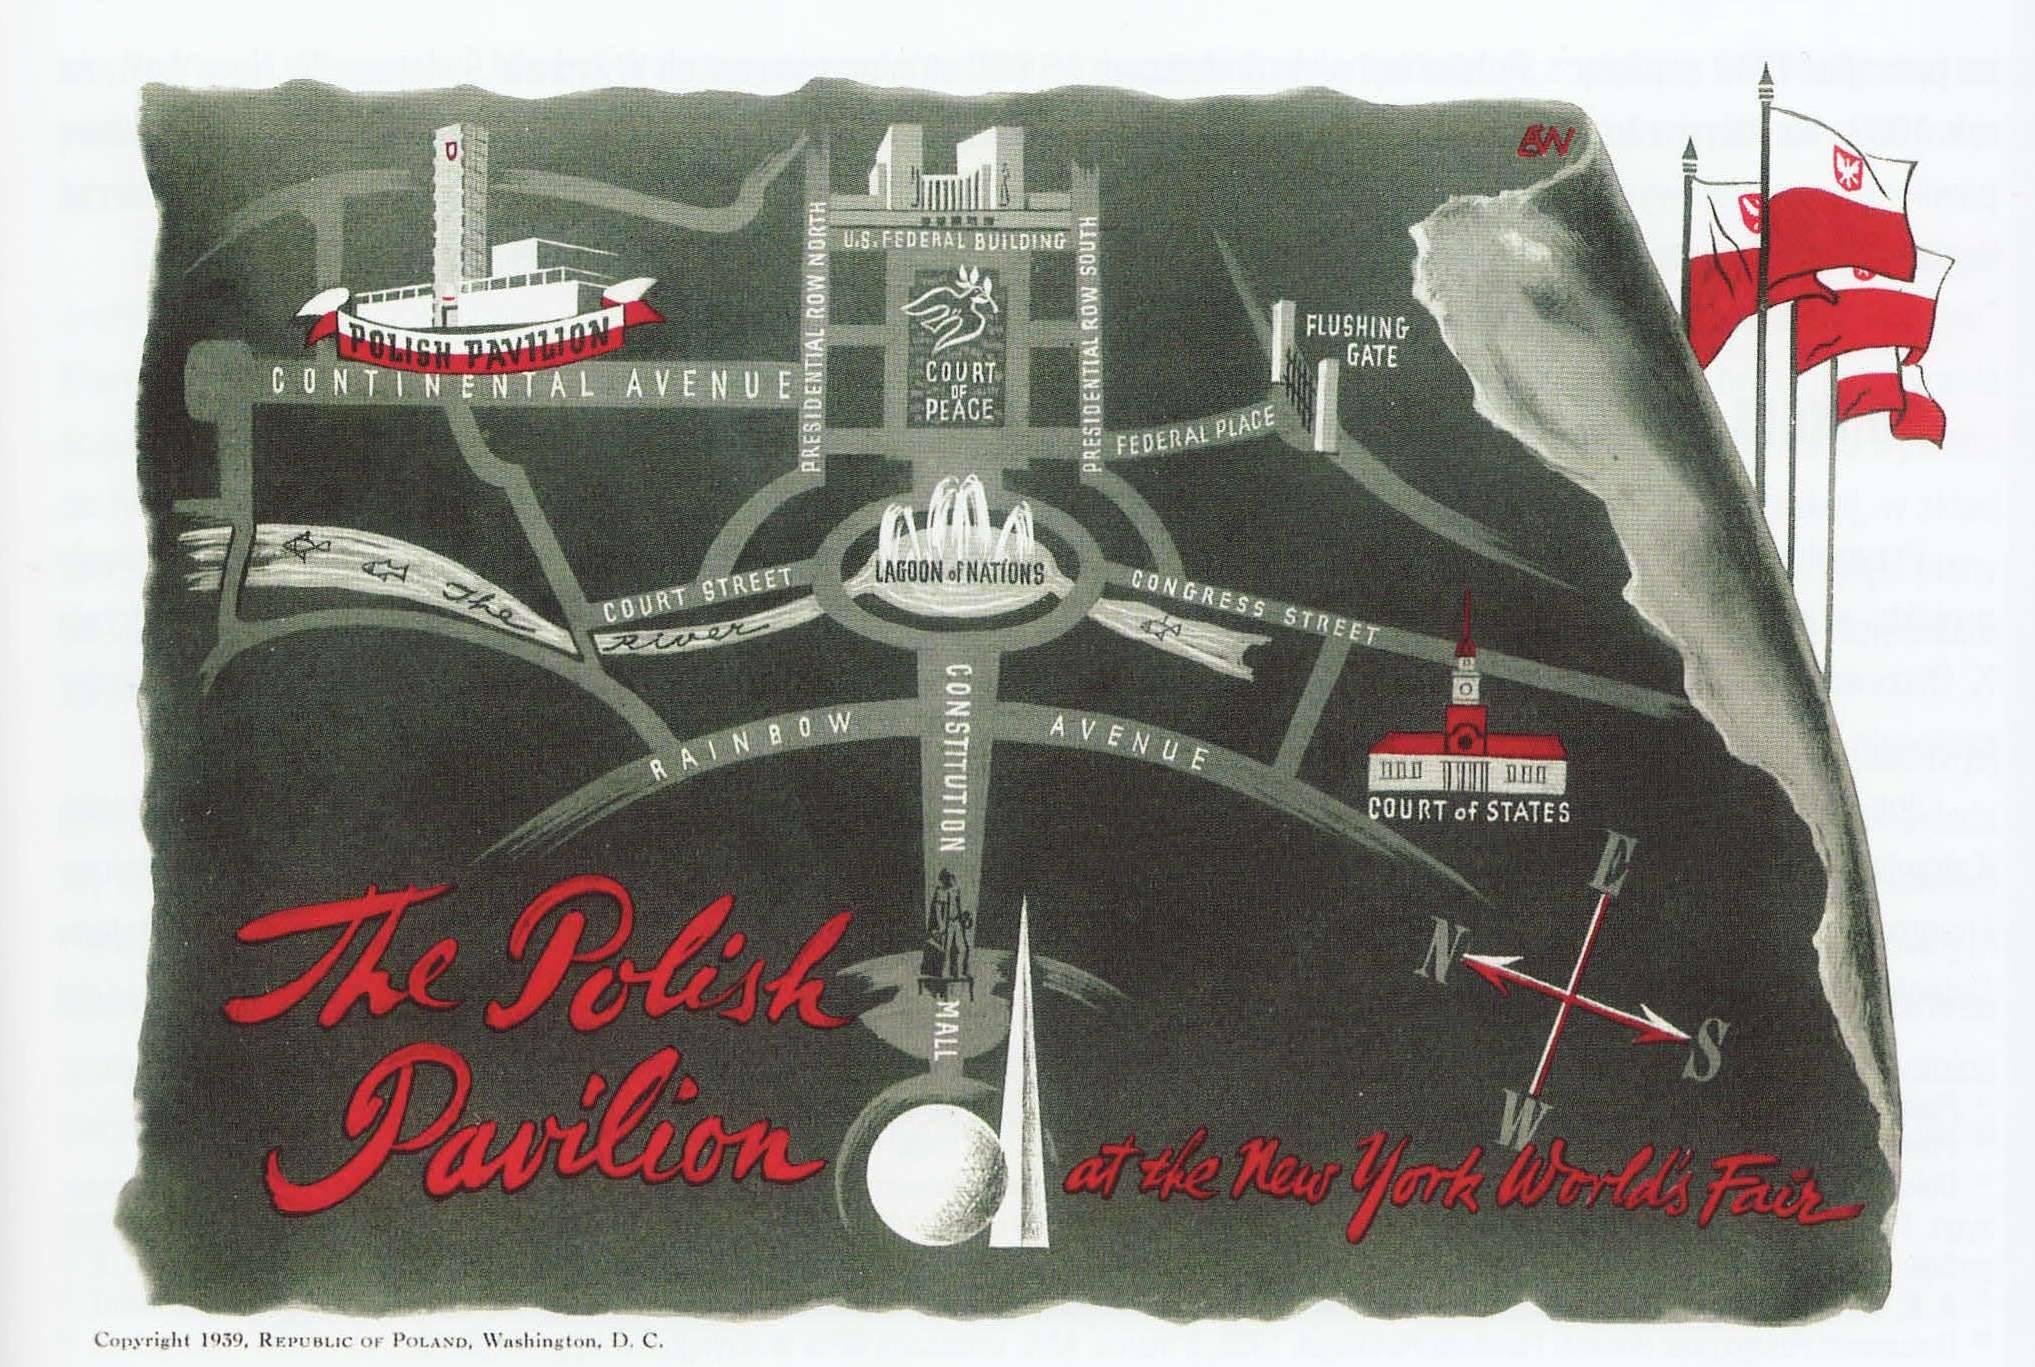 NY: Polish Contribution to the 1939 New York World's Fair